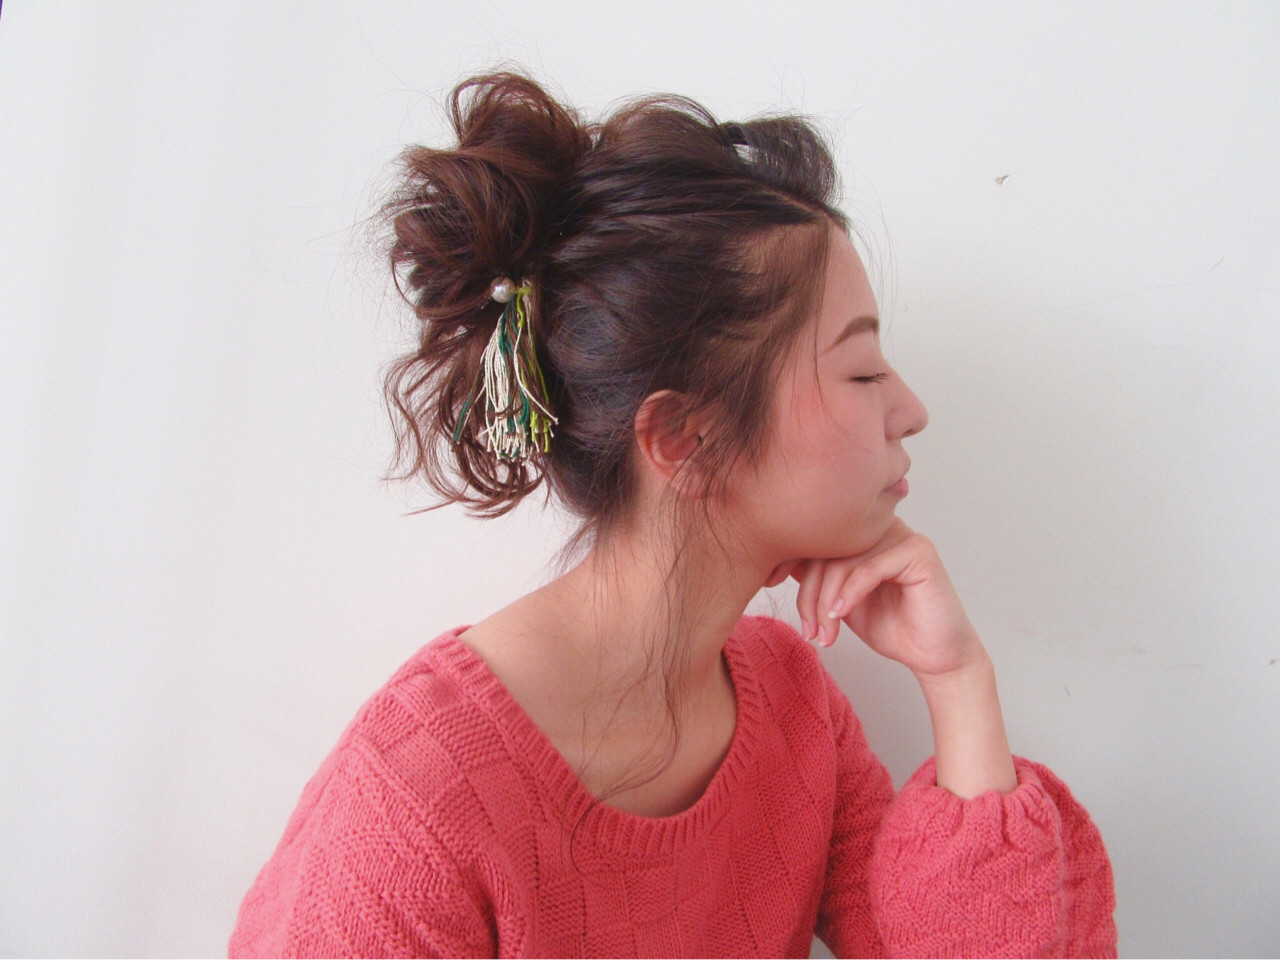 ナチュラル ポニーテール ヘアアレンジ セミロング ヘアスタイルや髪型の写真・画像